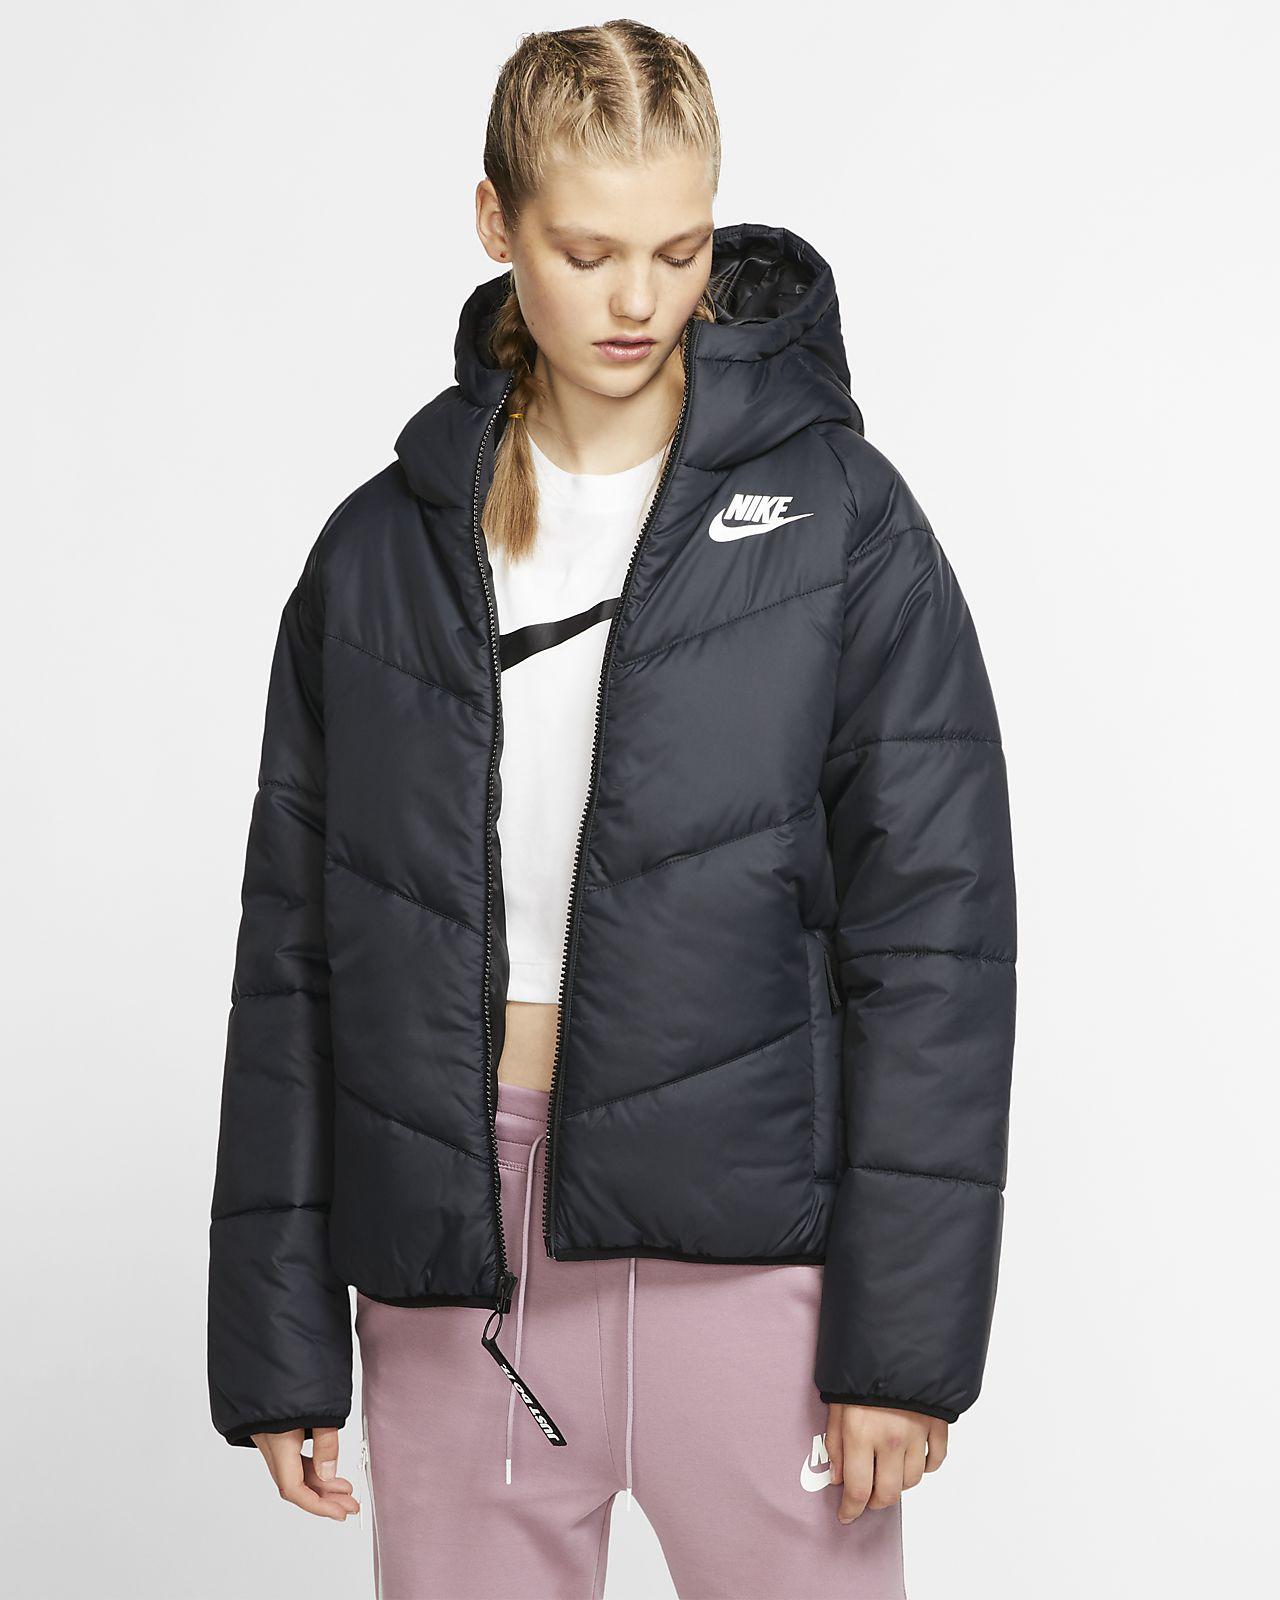 Nike Sportswear Windrunner Kapüşonlu Kadın Ceketi